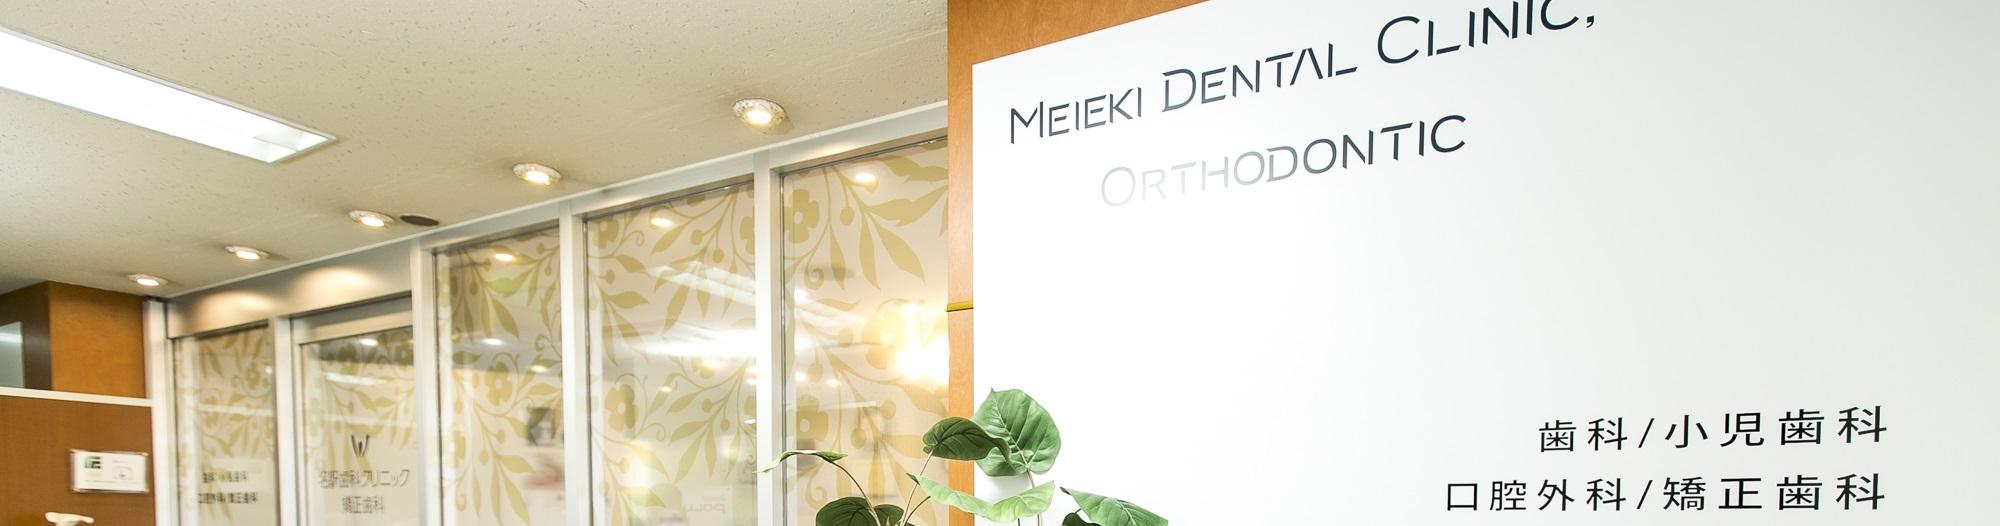 名駅歯科の玄関